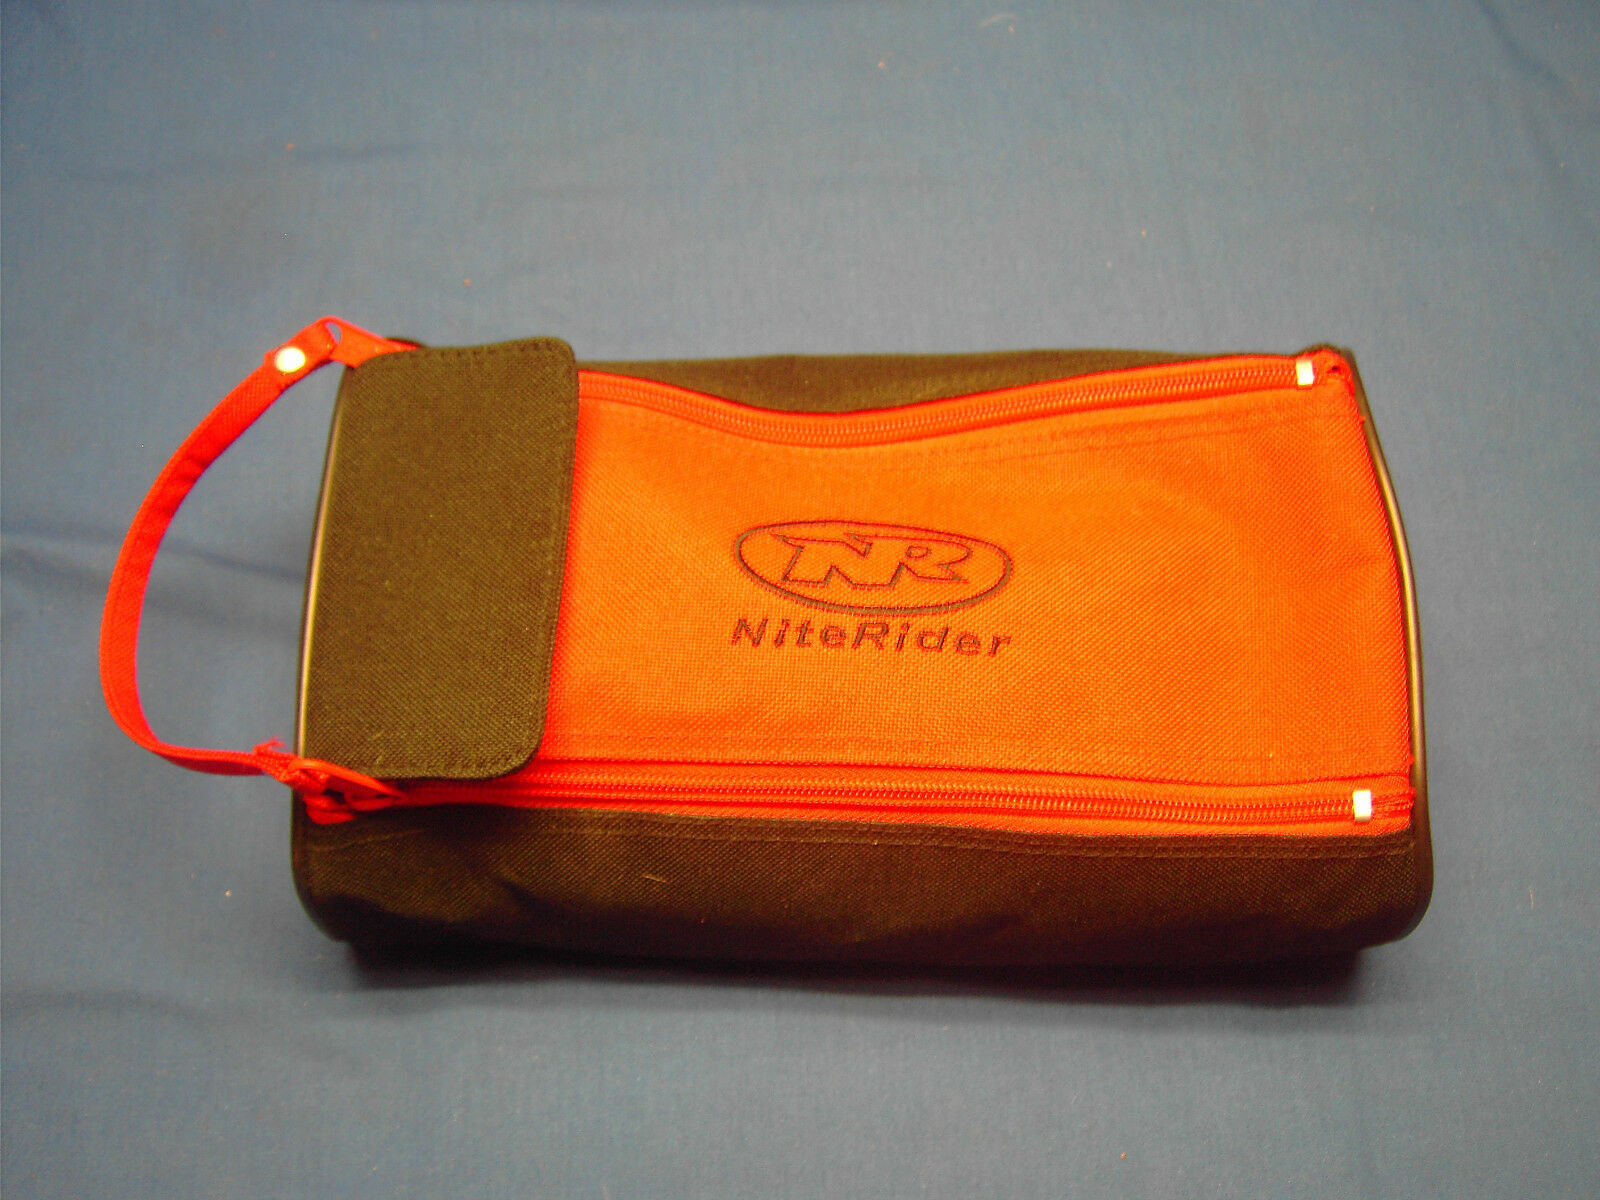 Nacht Pro Bike Licht met batterijpak en opbergzak voor rits